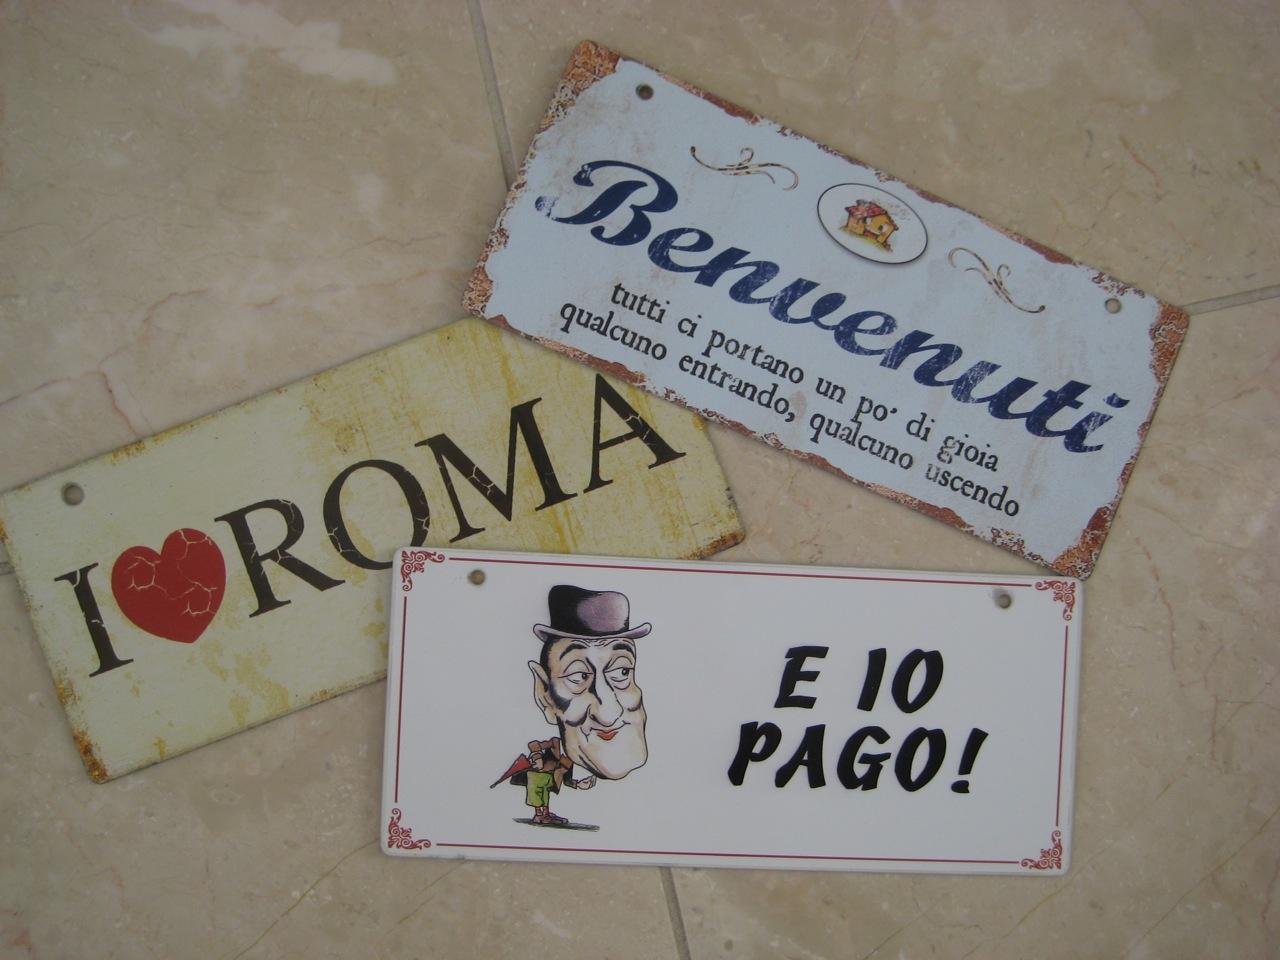 e-io-pago-italian-idiom-espressione-comune-toto